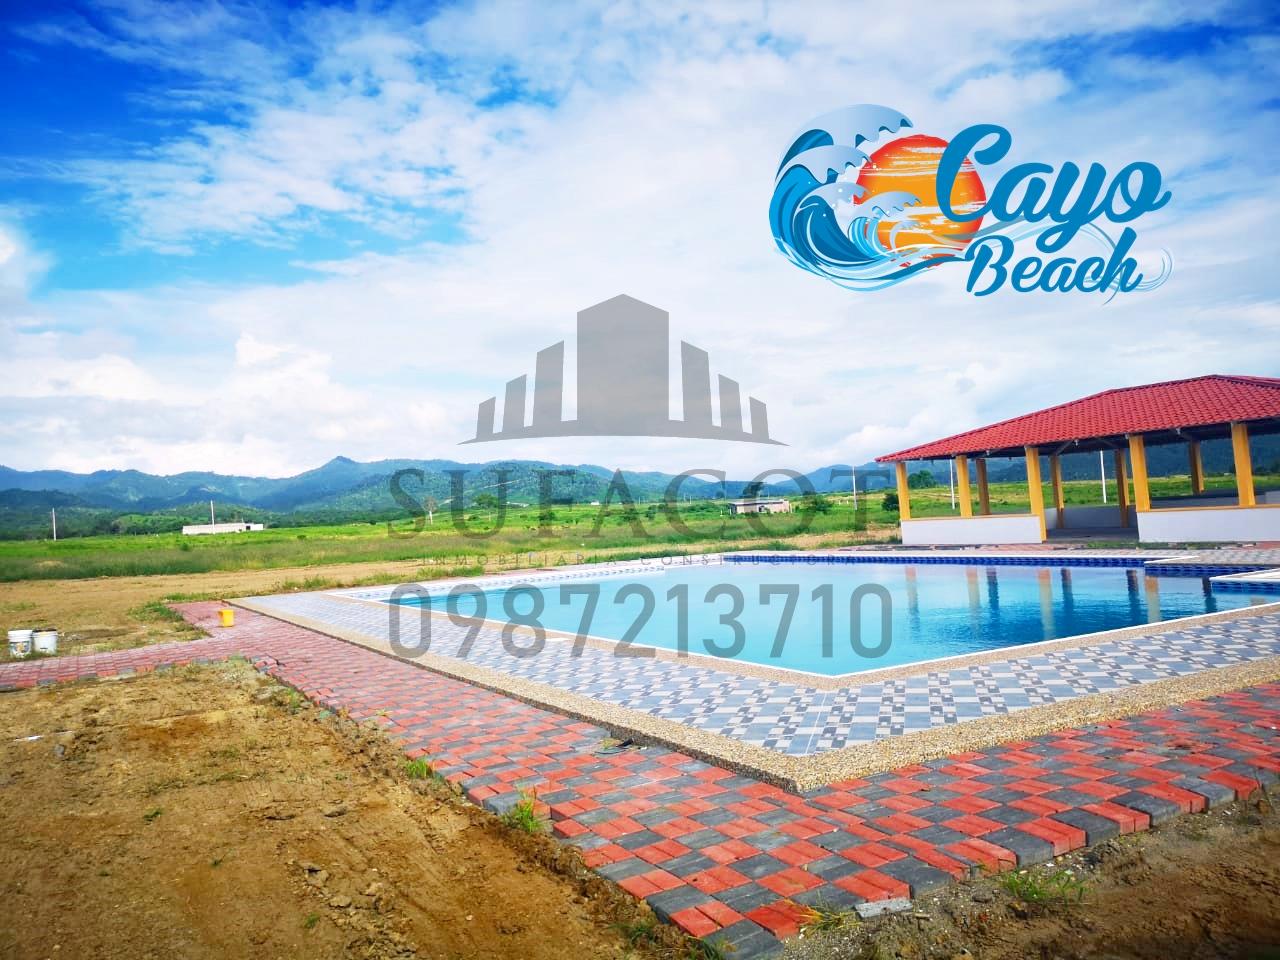 venta-de-terrenos-lotizacion-cayo-beach-en-la-playa-de-puerto-cayo-jijpija-manabi-10